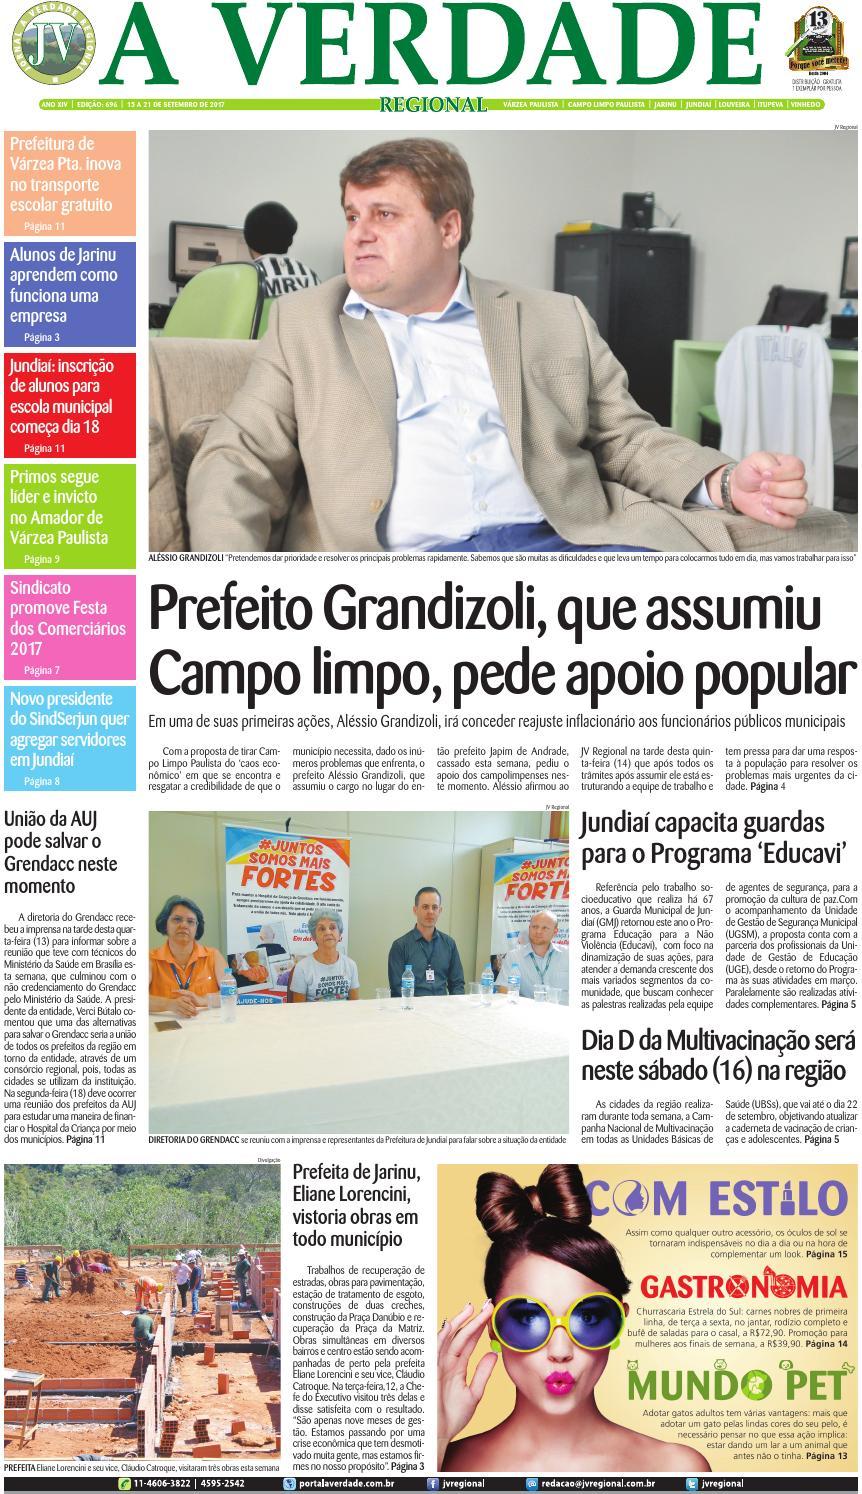 JV Regional ® - Edição 696 by Jornal A Verdade Regional - issuu 43c54a0038